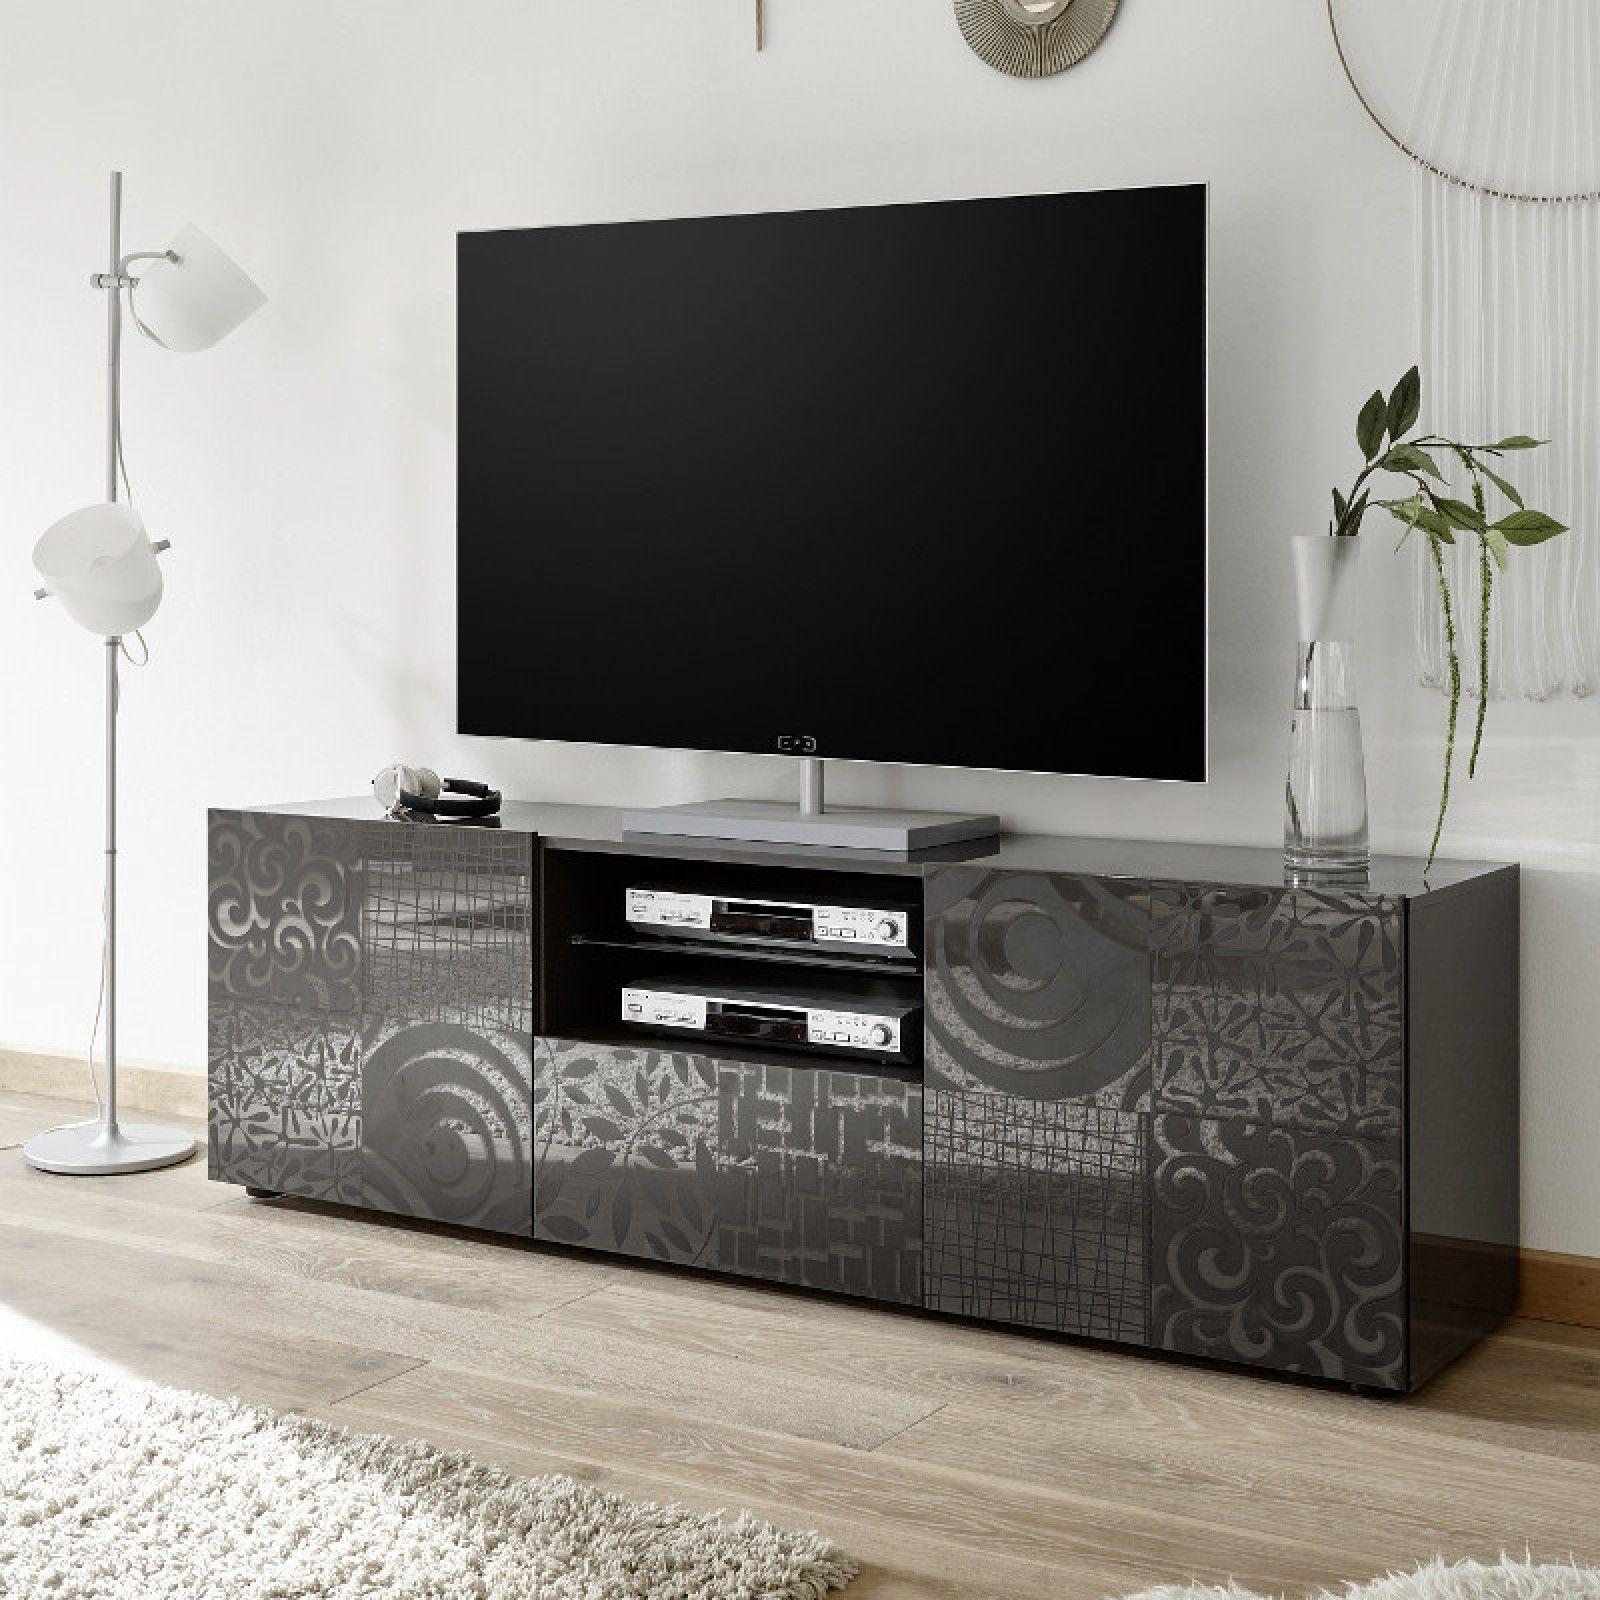 Cikkszám 20238302 A MIRO TV szekrény kiváló minőségű